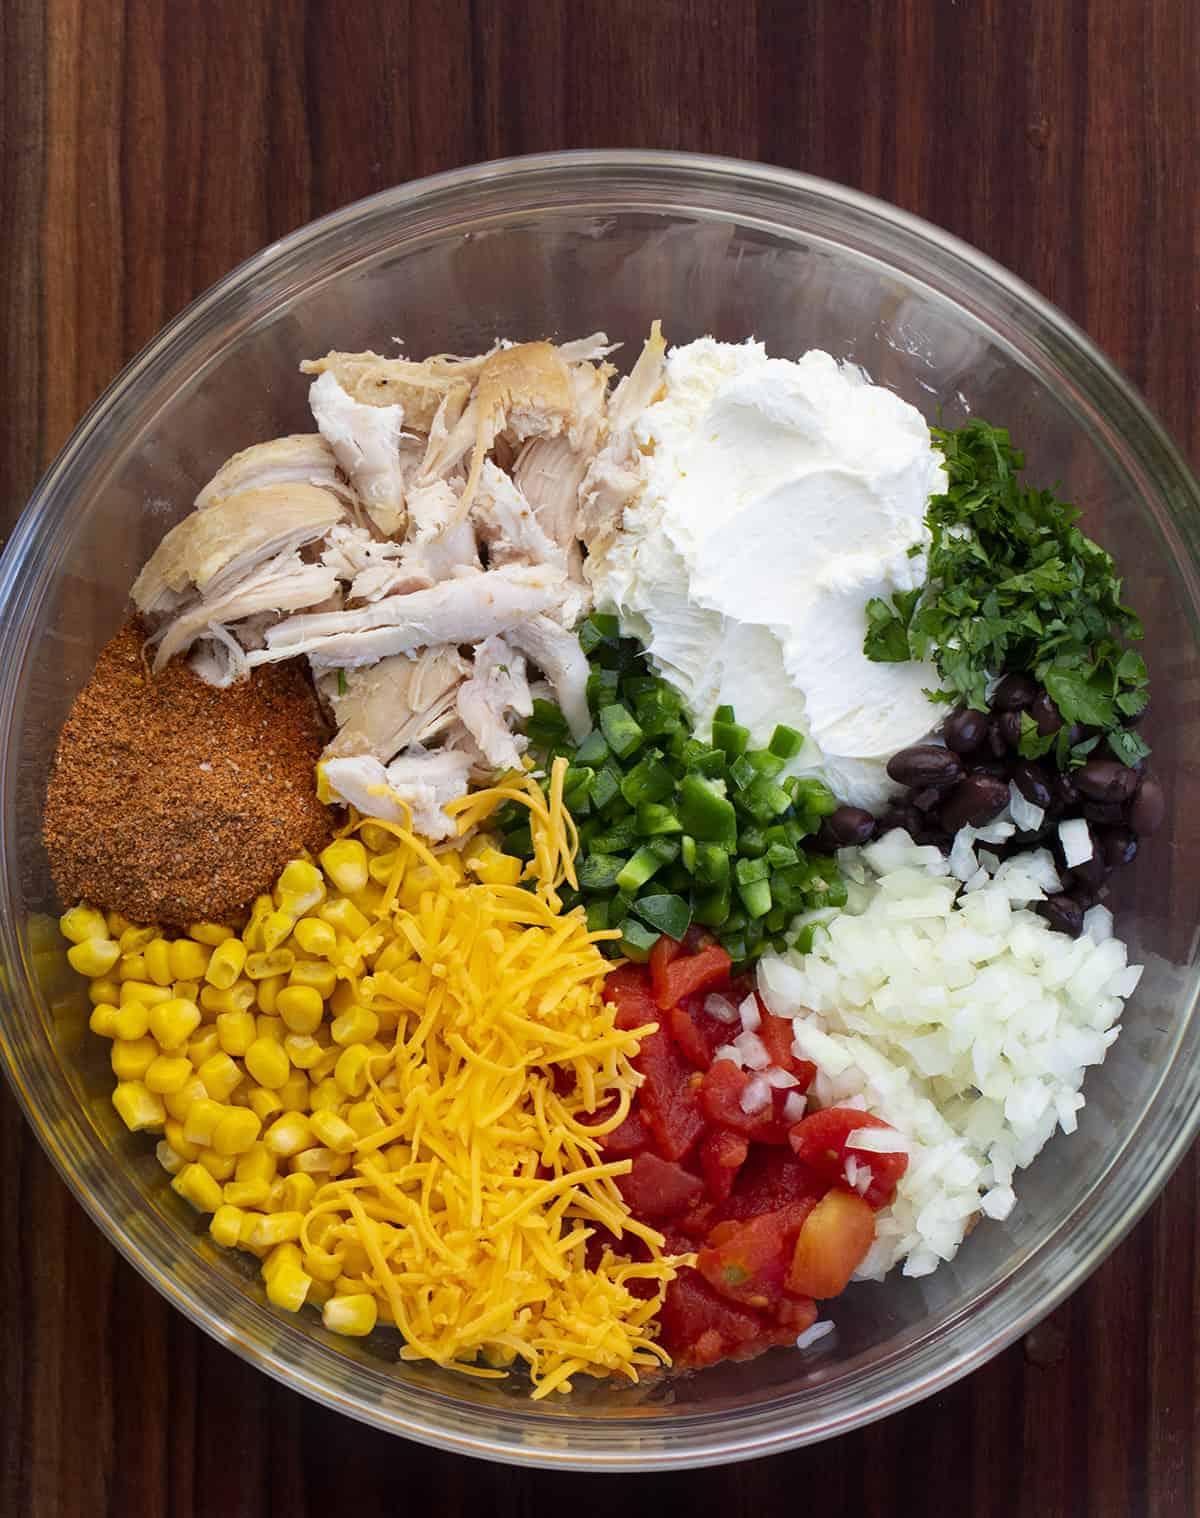 Ingredients for Filling for Air Fryer Southwest Eggrolls